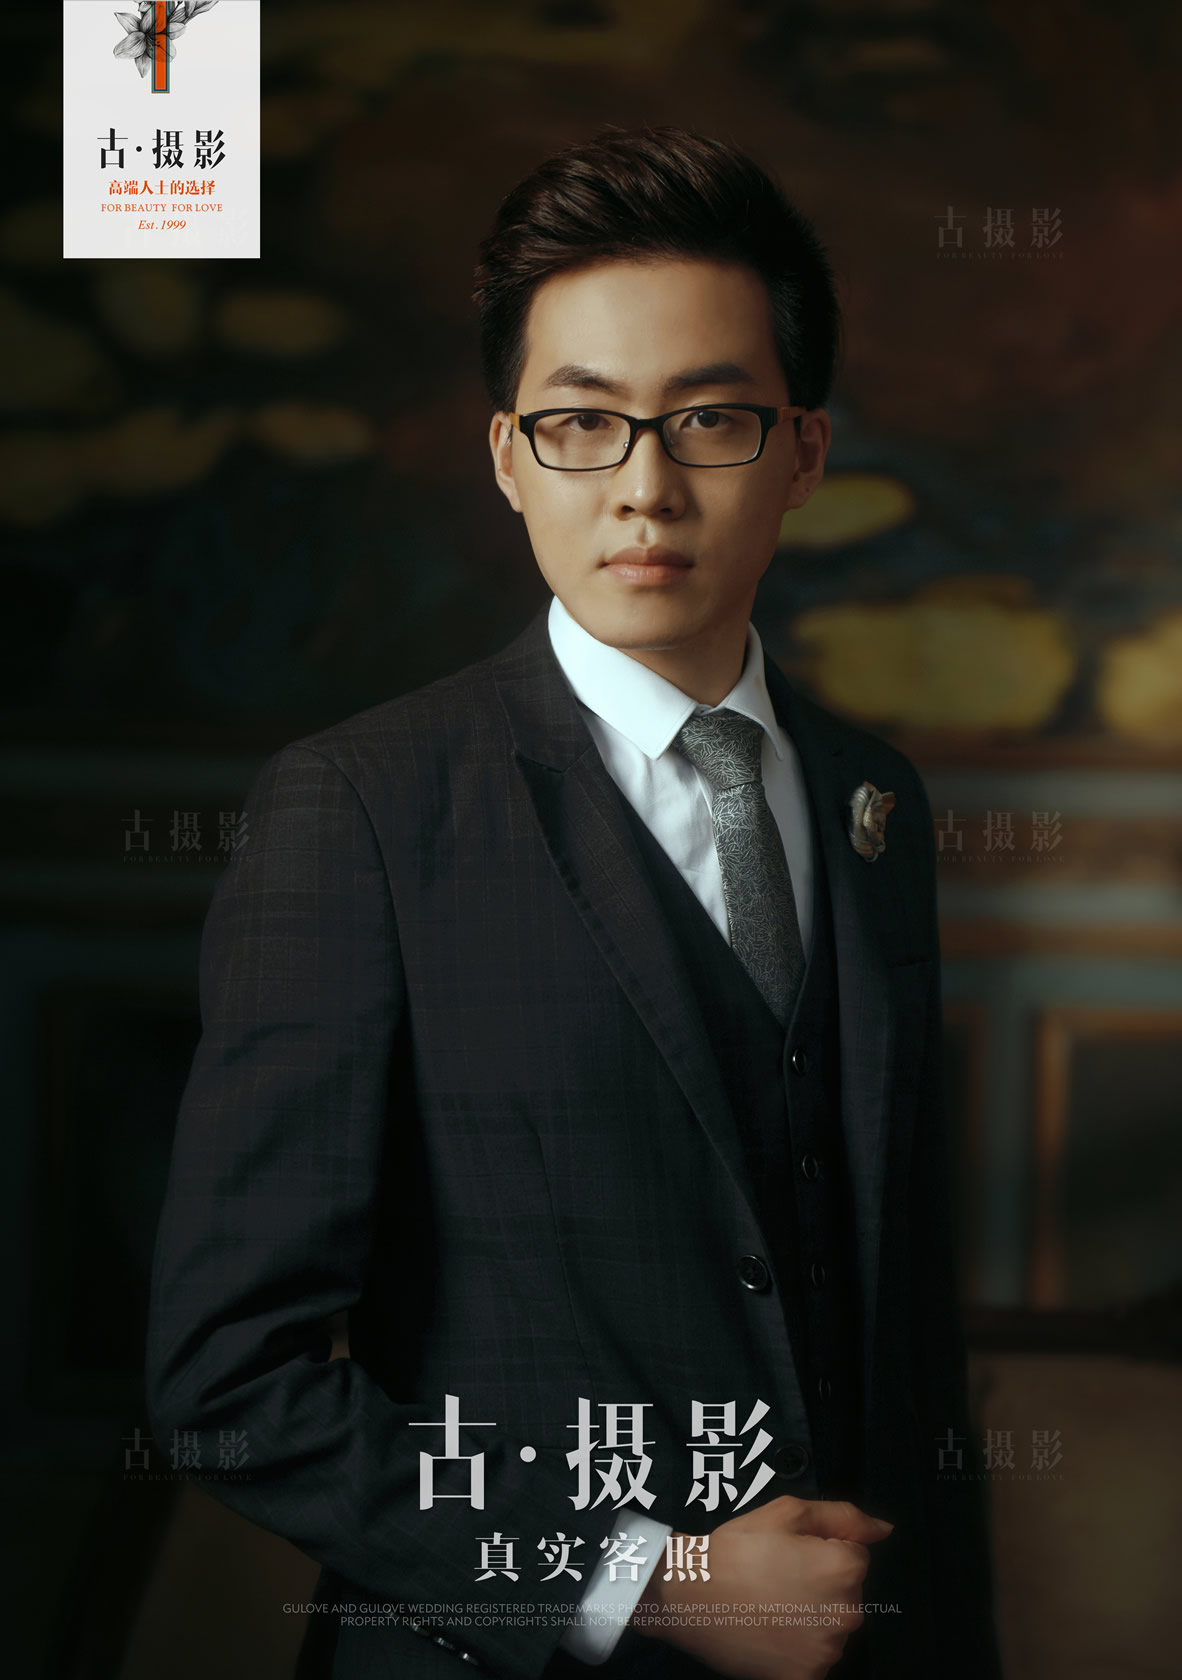 6月8日客片陈先生 何小姐 - 每日客照 - 广州婚纱摄影-广州古摄影官网